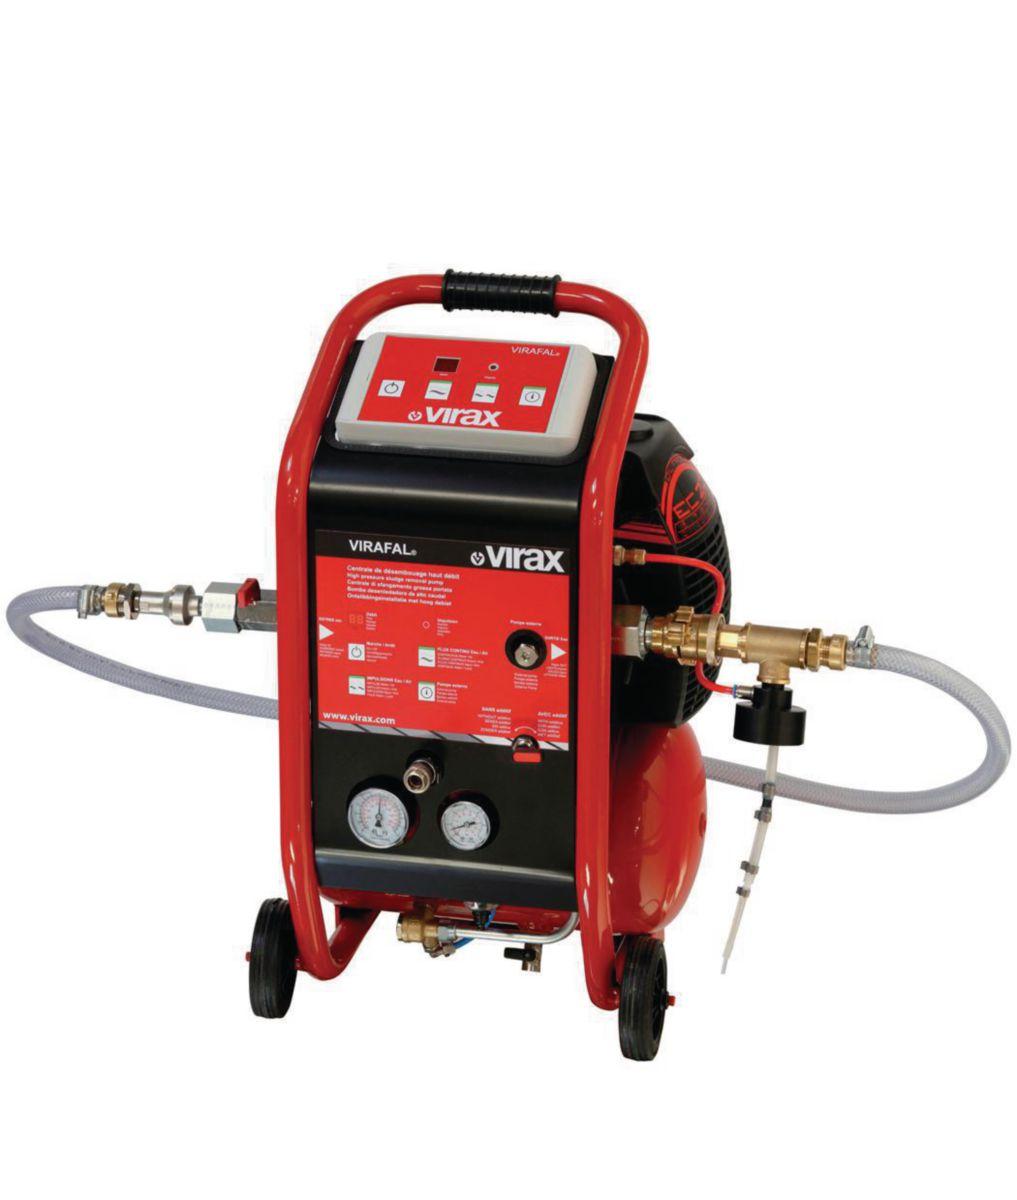 Centrale de désembouage haut débit + injecteur + réducteur pression réf. 295053